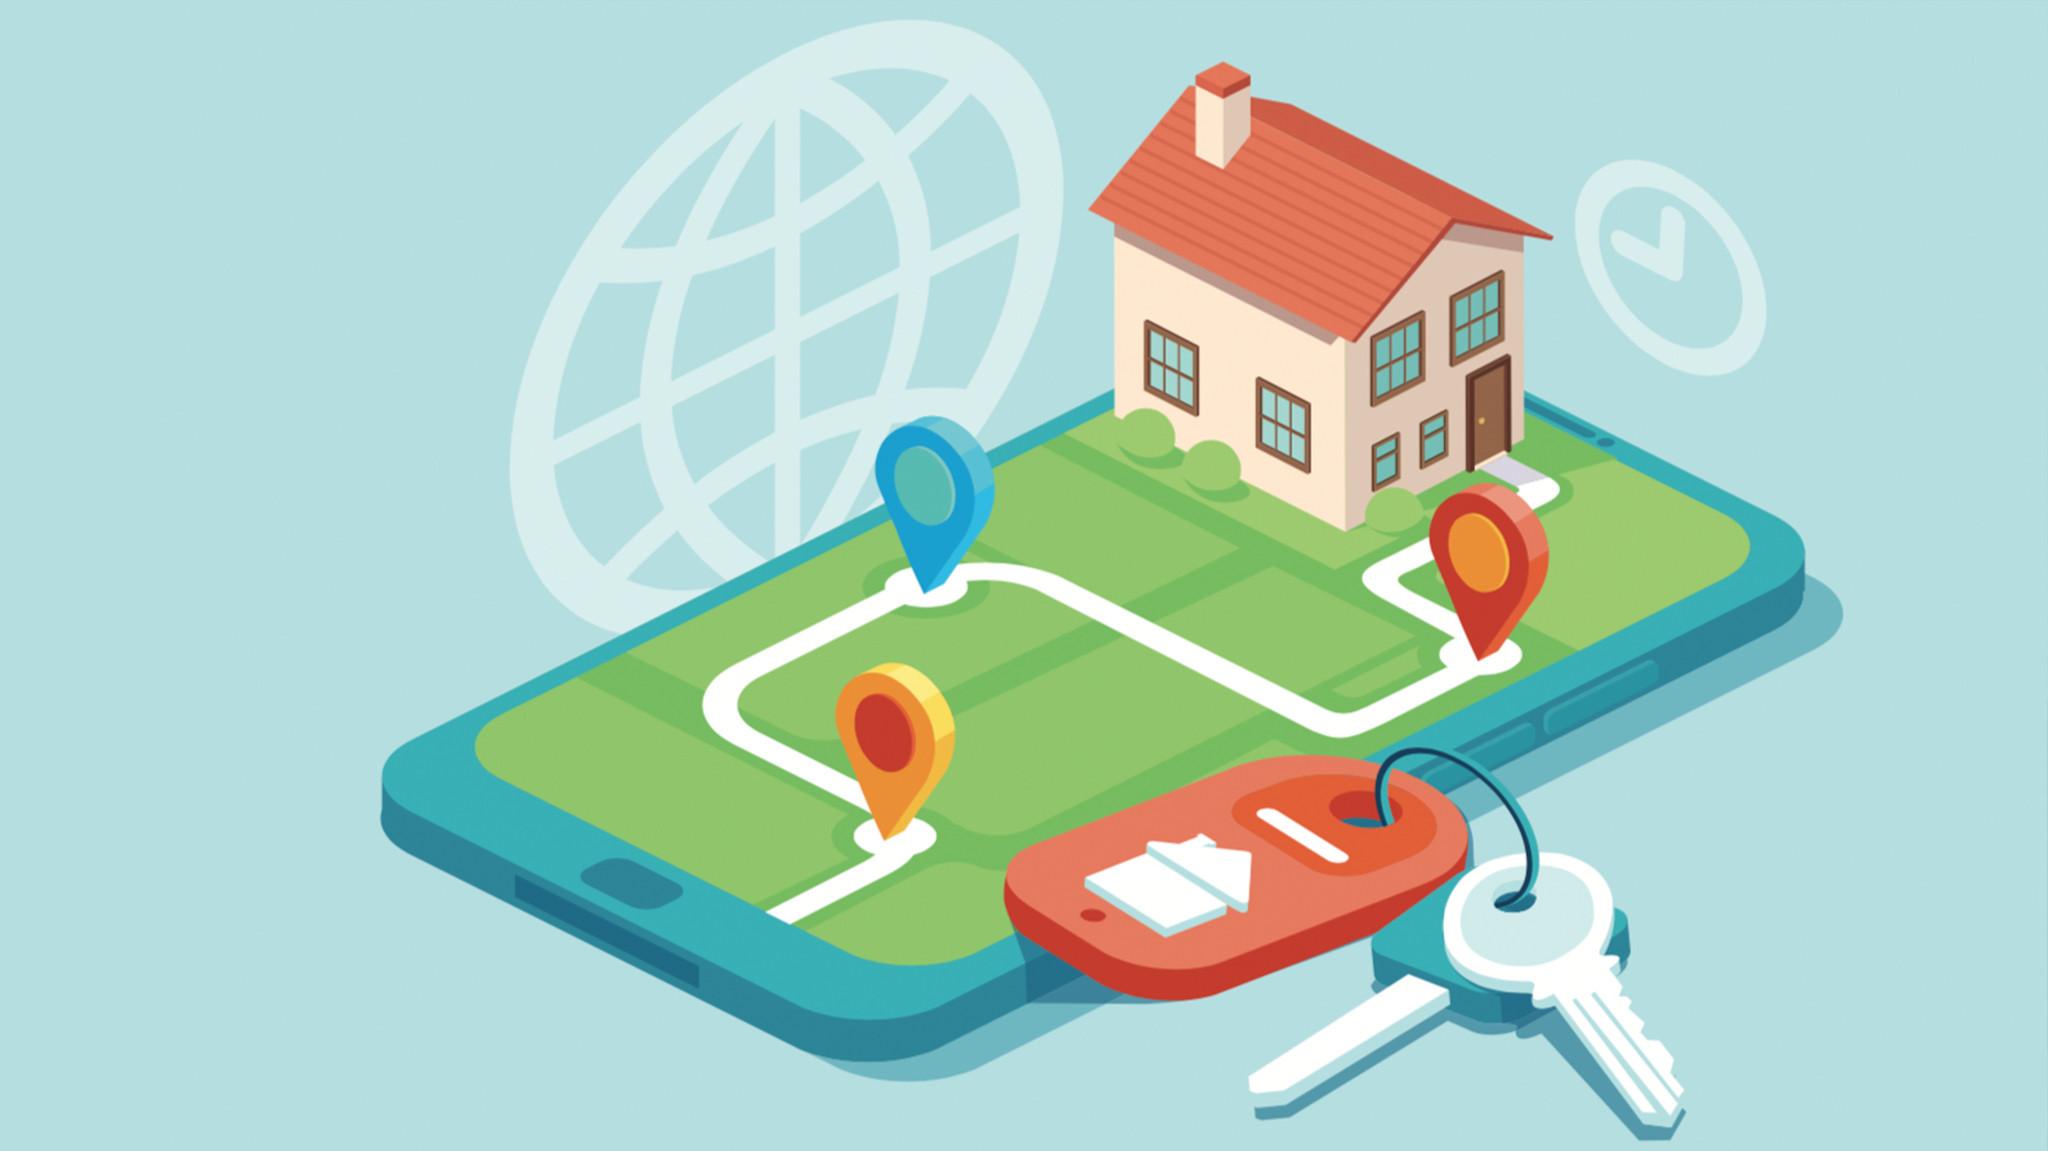 inmobiliarias-mas-digitales-y-eficientes